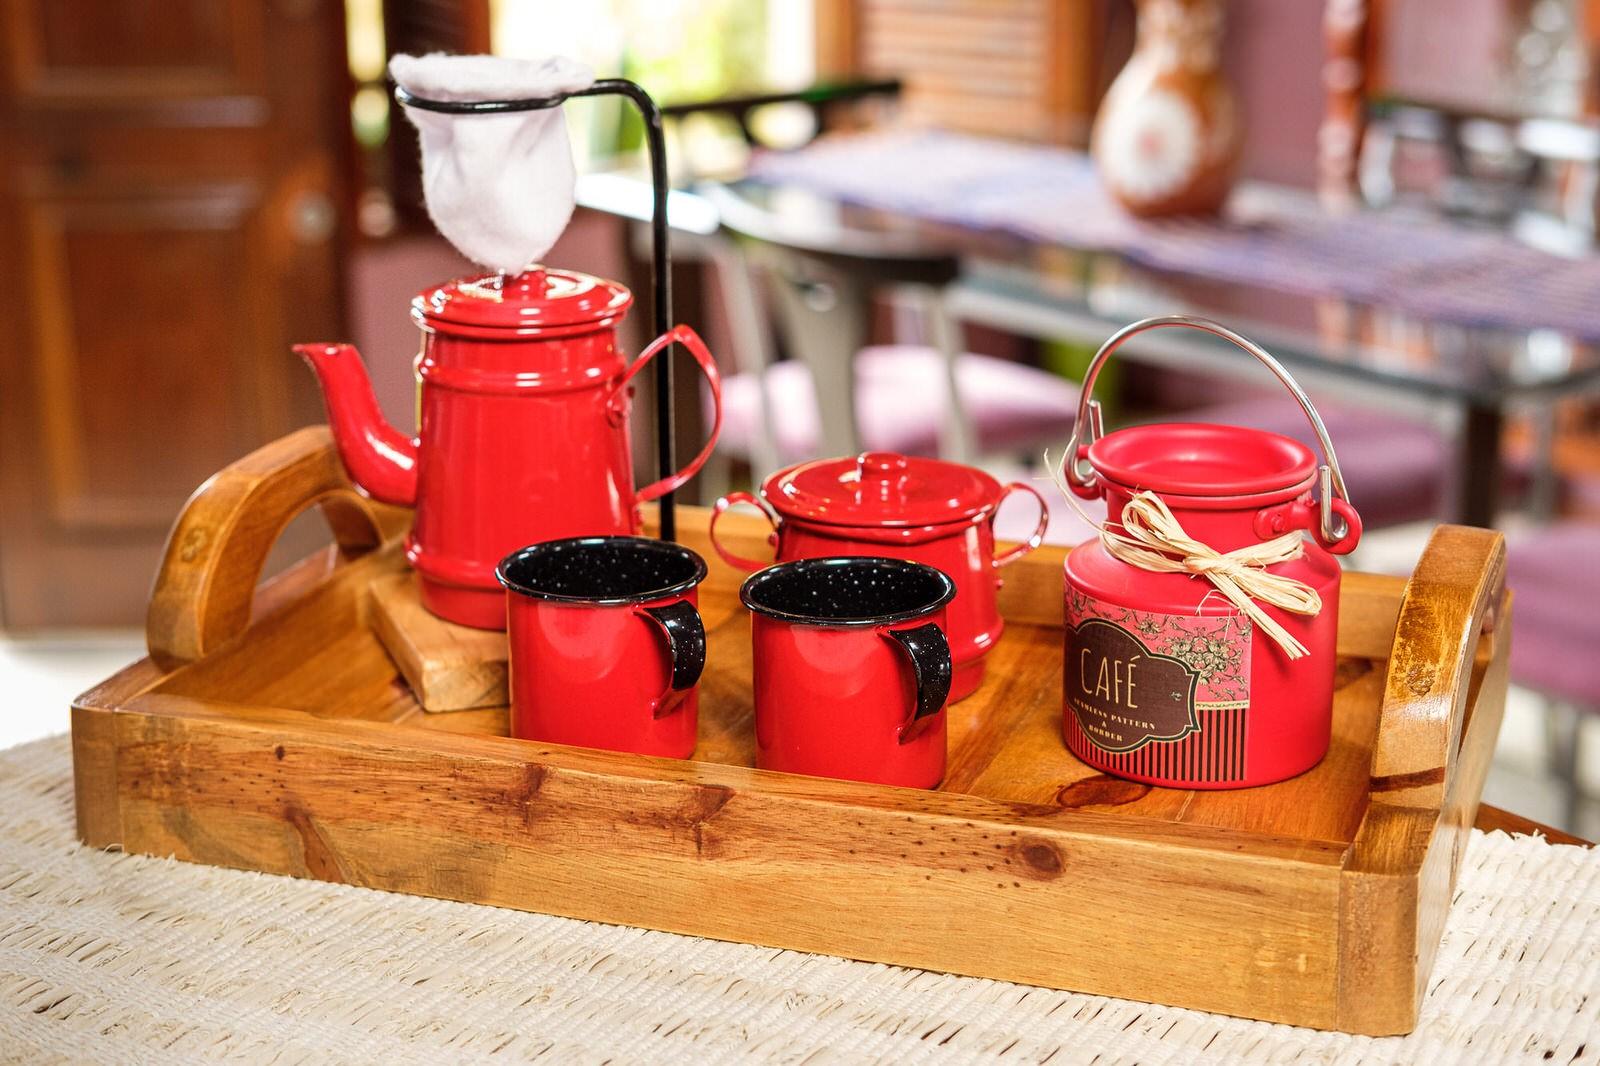 Kit Bandeja + Peças de Café / Vermelho com Canecas Vermelhas